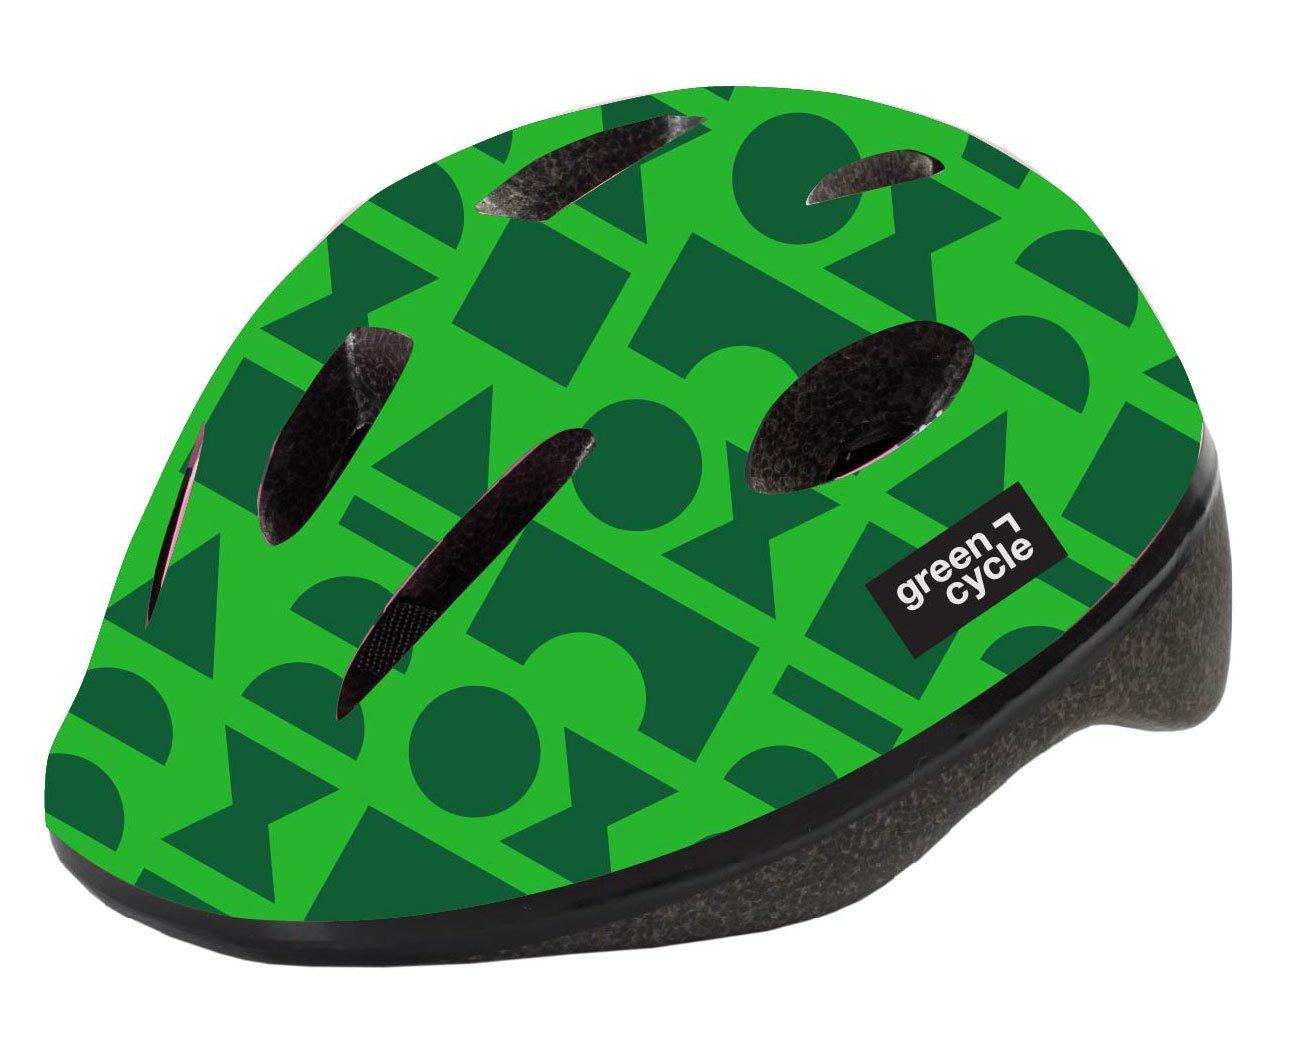 Шлем велосипедный детский Green Cycle FLASH, зеленый лак (Размер: 48-52см )